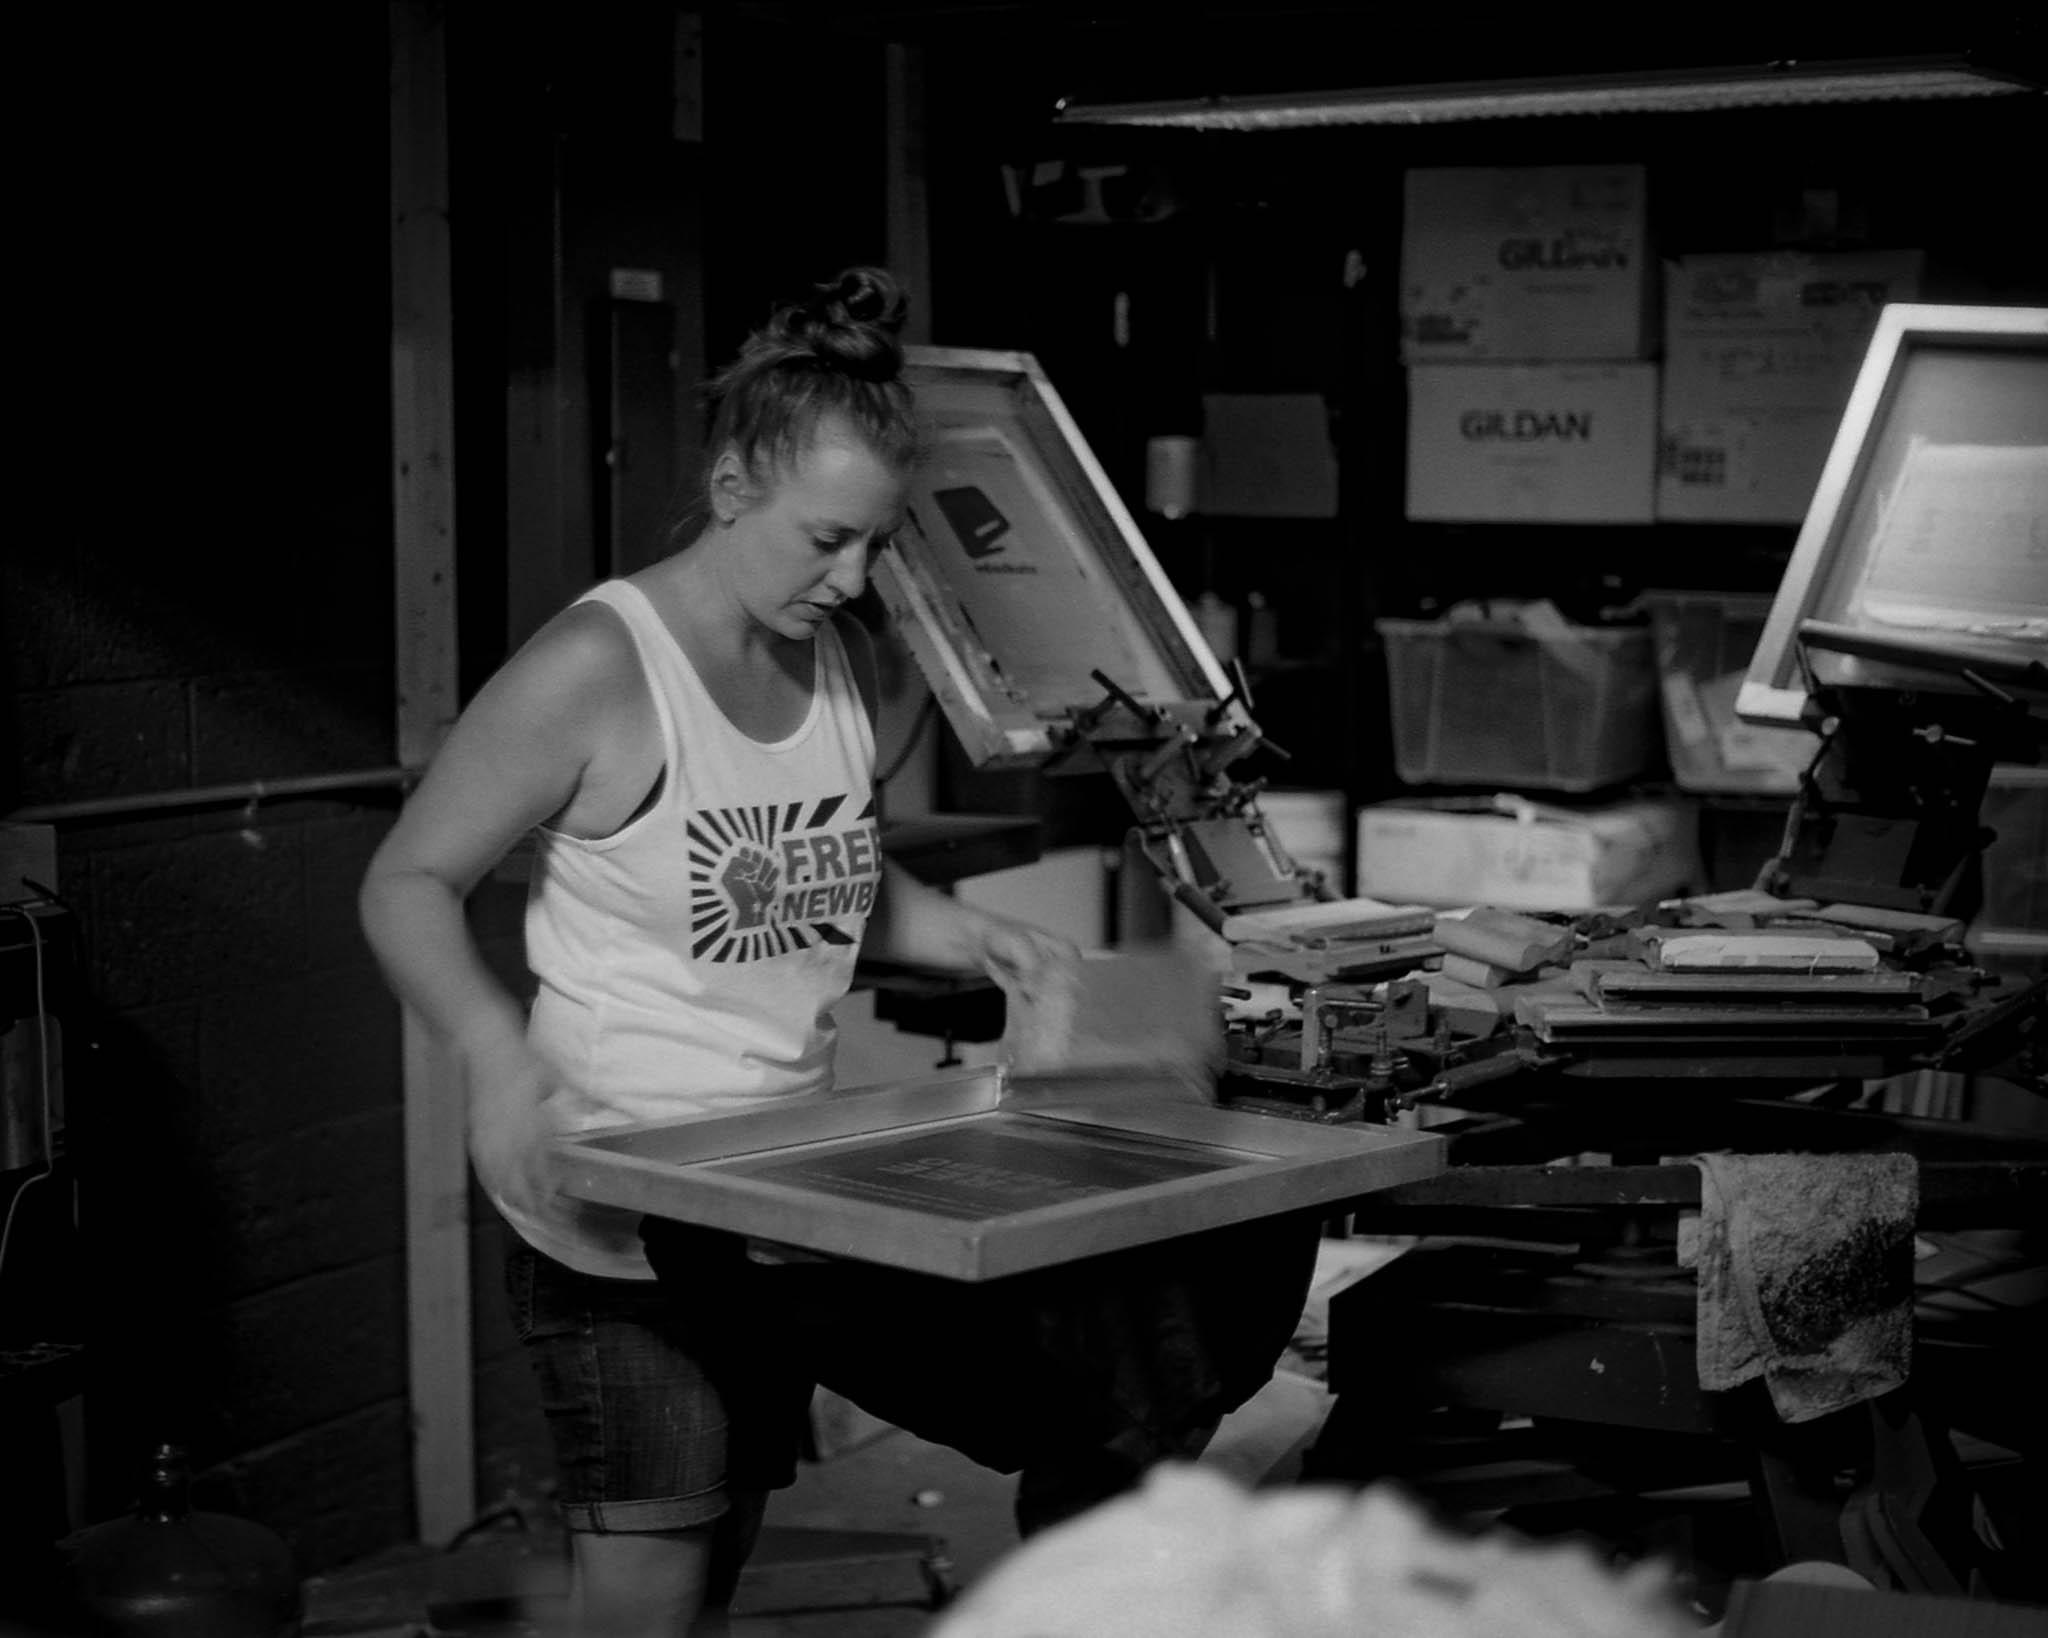 Lindsey printing a Free New Bo shirt at Eduskate